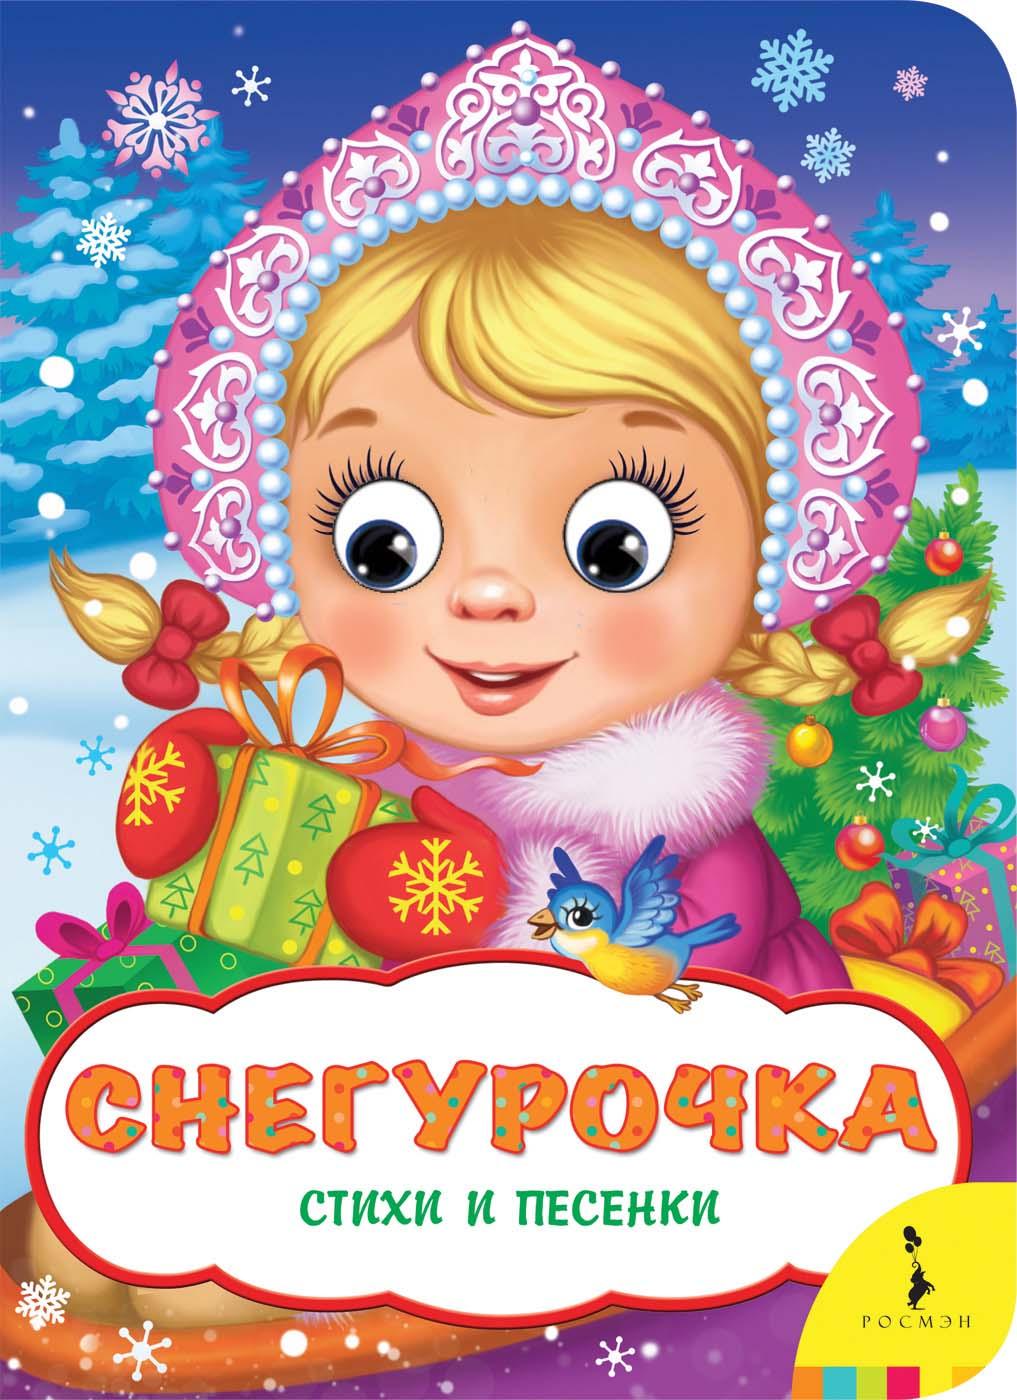 Купить Книга из серии Веселые глазки - Снегурочка, Росмэн